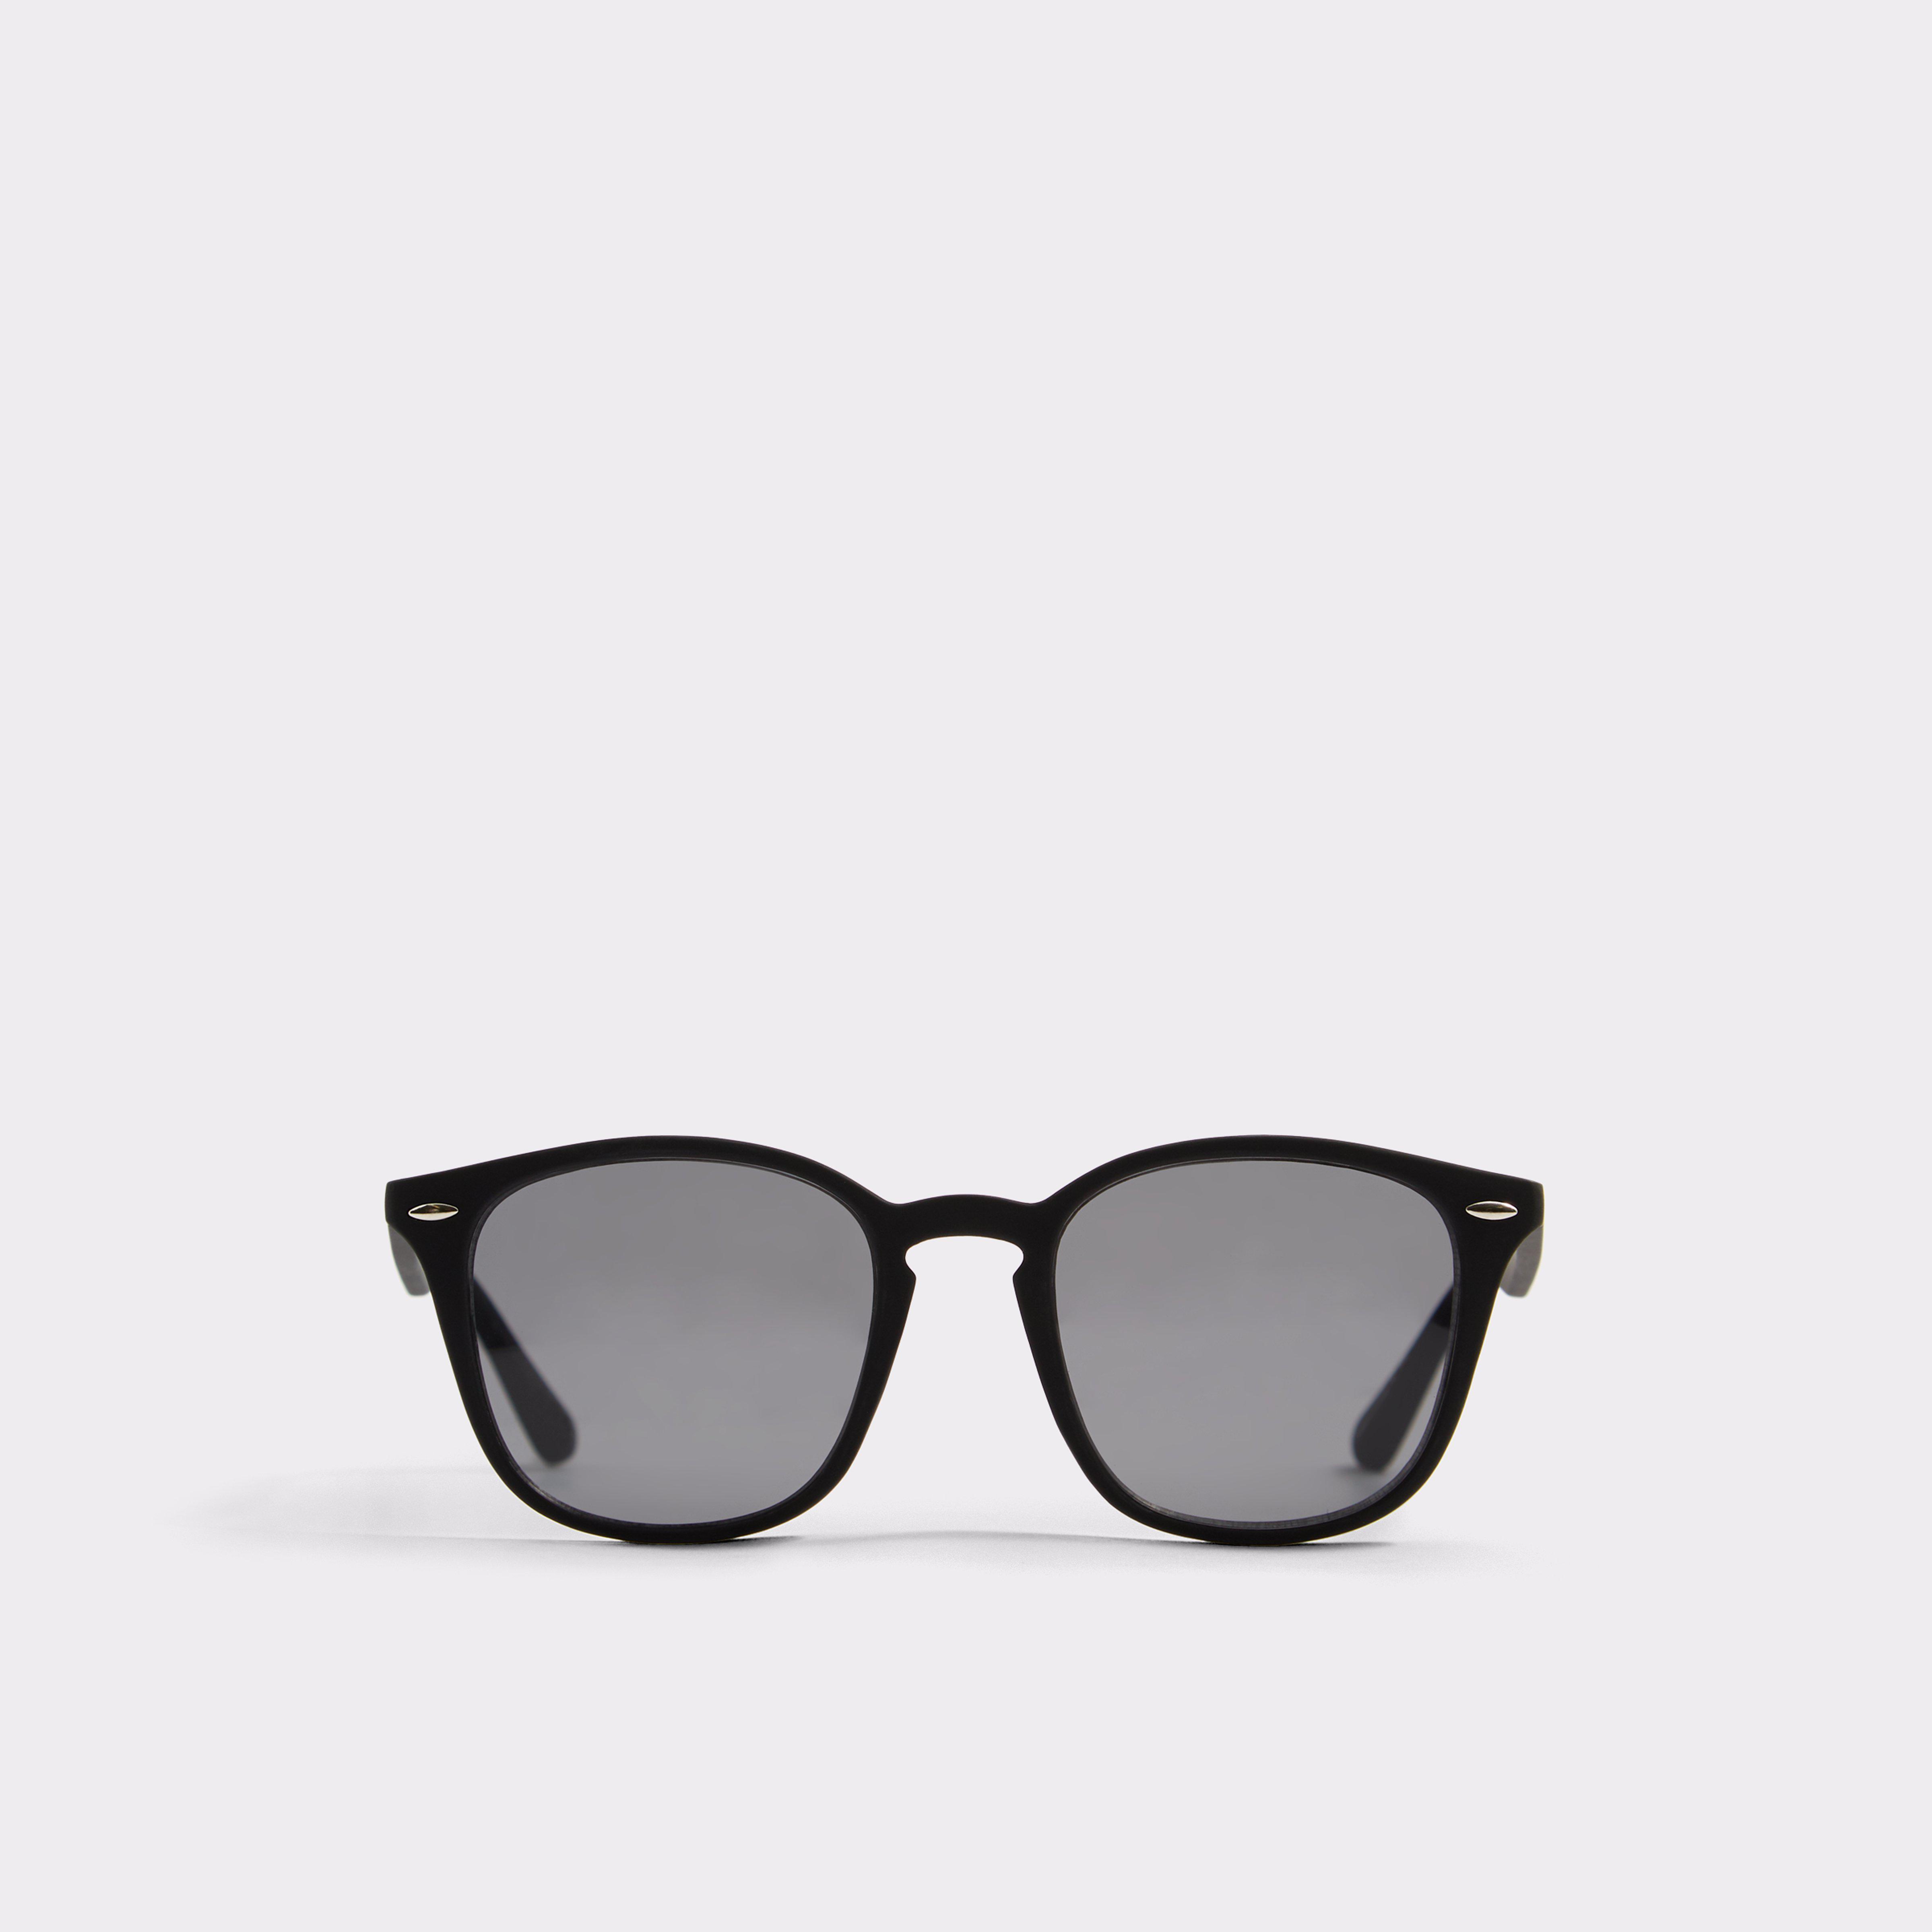 a64184d4eeb Lyst - ALDO Lauclya in Black for Men